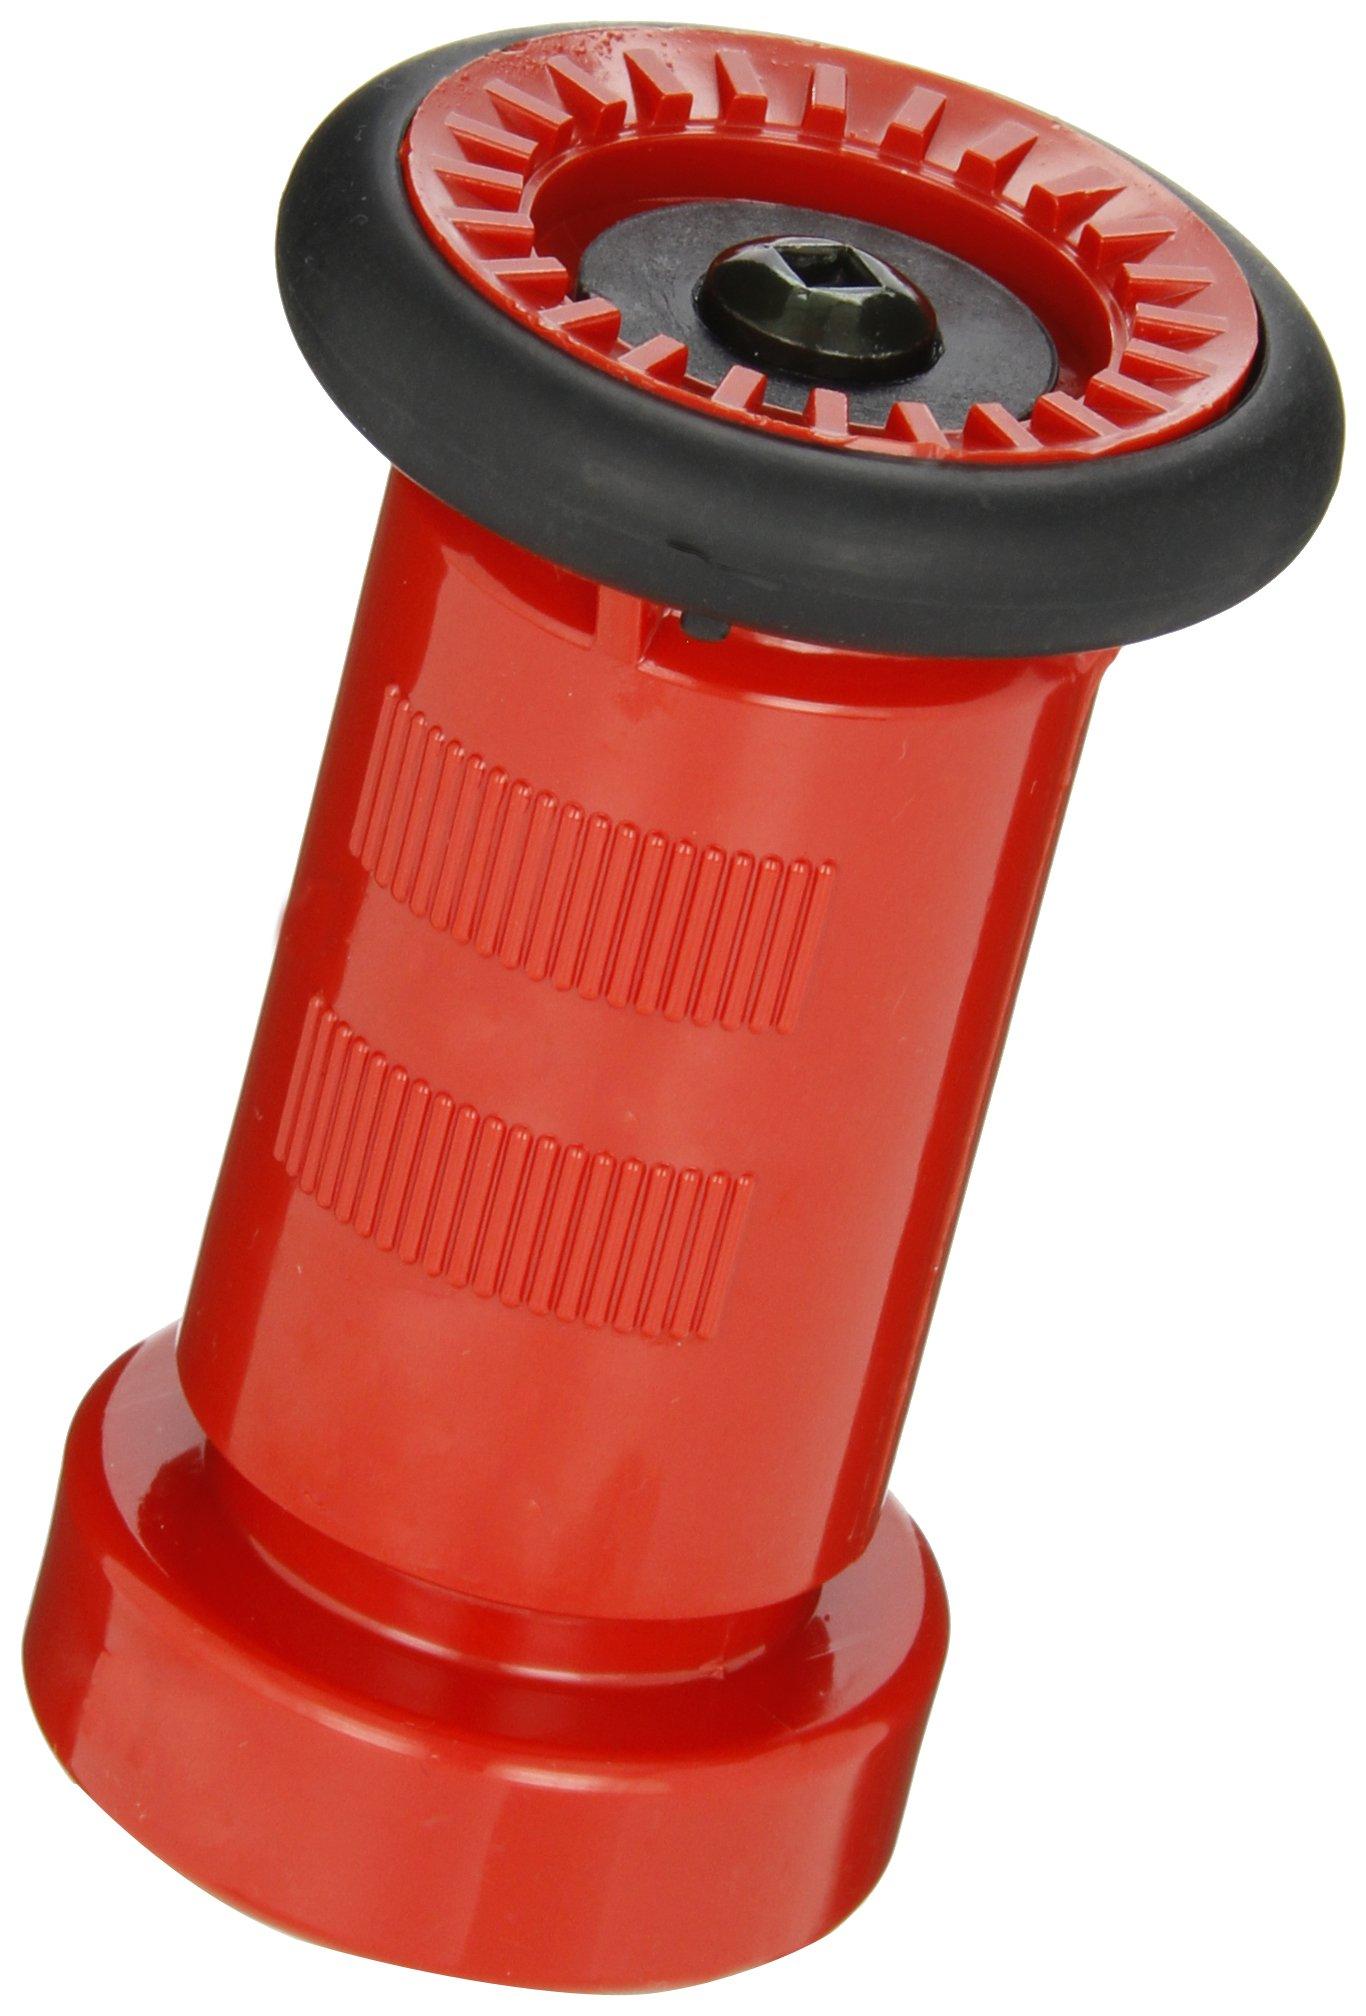 Dixon Valve CFB150S Thermoplastic Fire Equipment, Constant Flow Fog Nozzle, 1-1/2'' SIPT (NPSH)